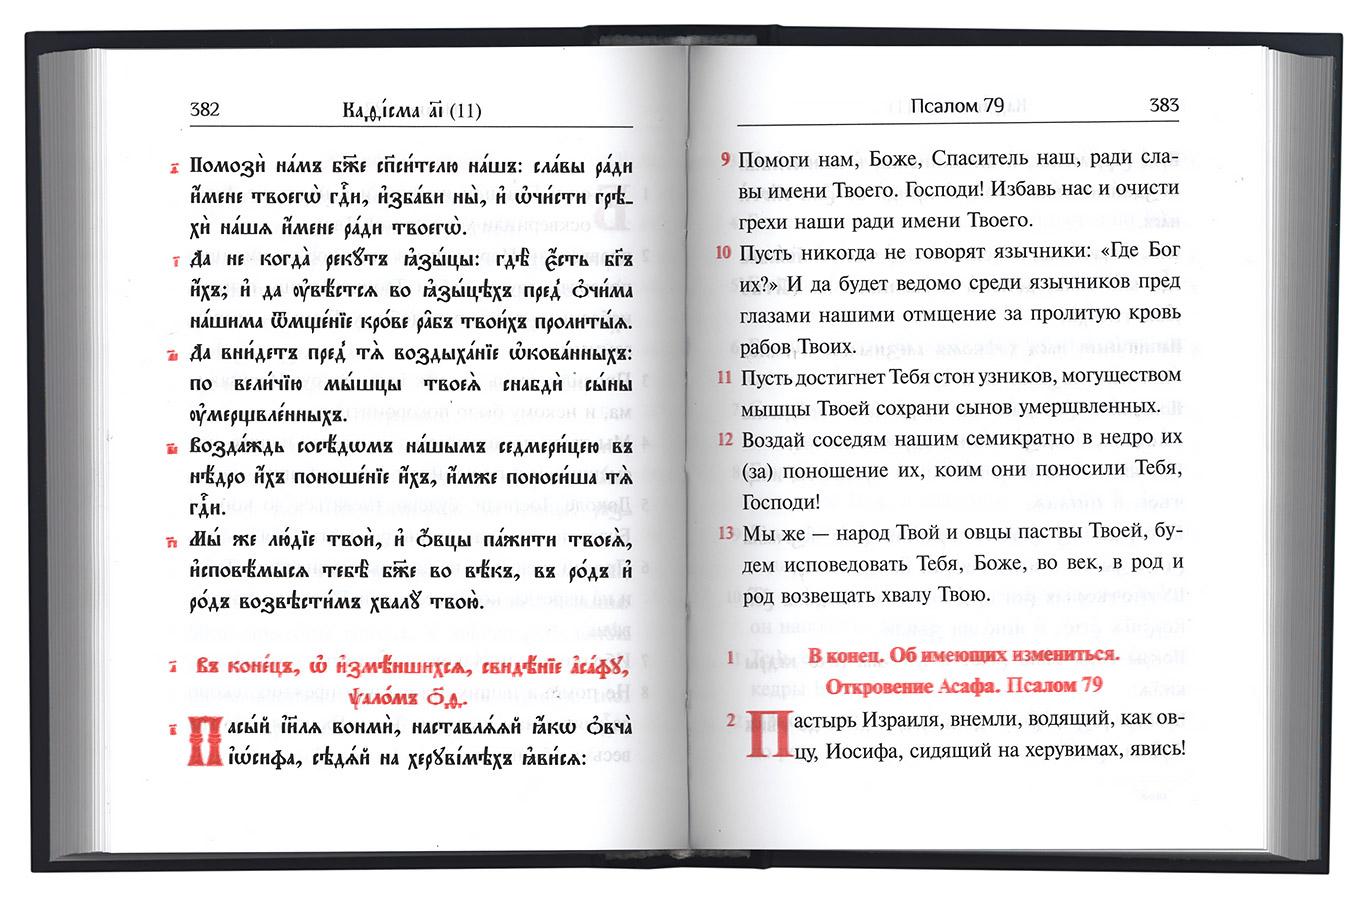 ПСАЛТЫРЬ С ПЕРЕВОДОМ НА РУССКИЙ ЯЗЫК СКАЧАТЬ БЕСПЛАТНО